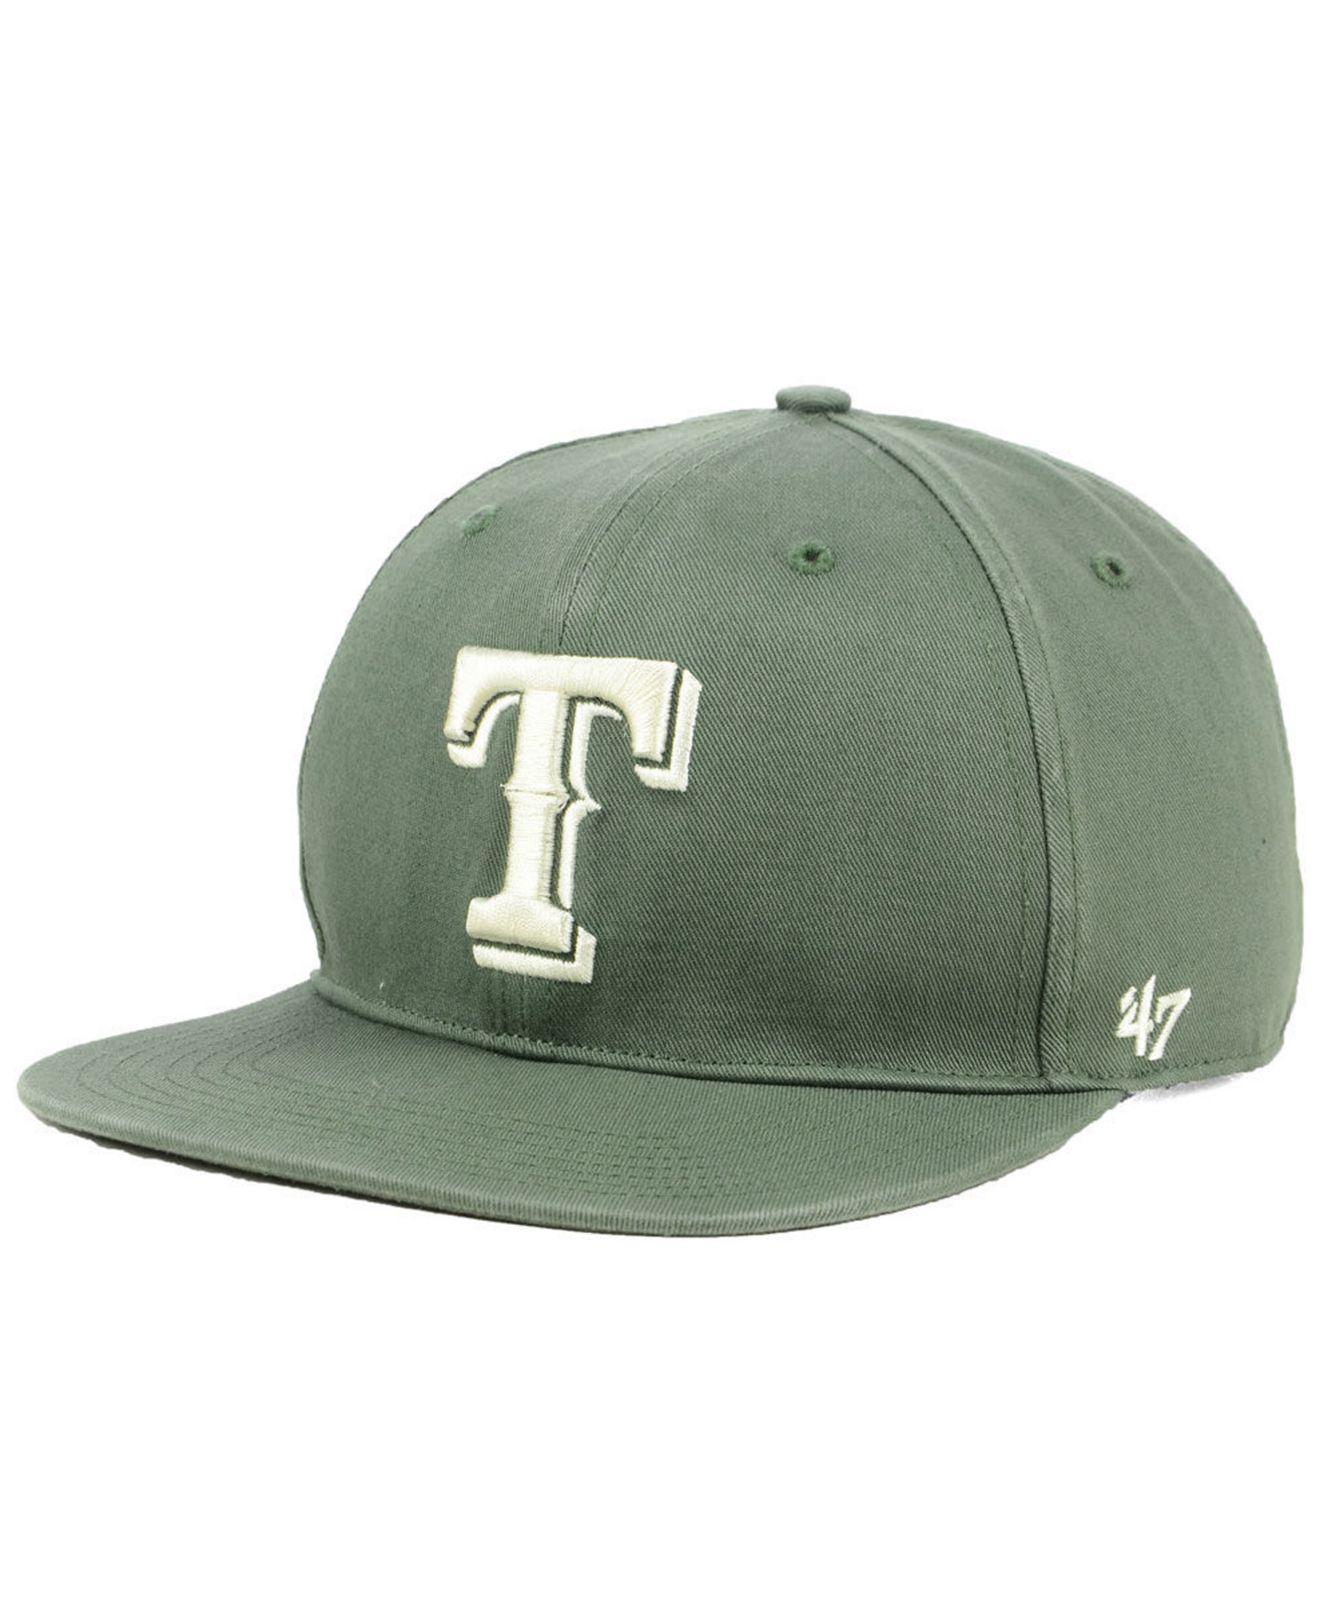 new arrival c3a2e 4257c 47 Brand. Men s Green Texas Rangers Moss Snapback Cap